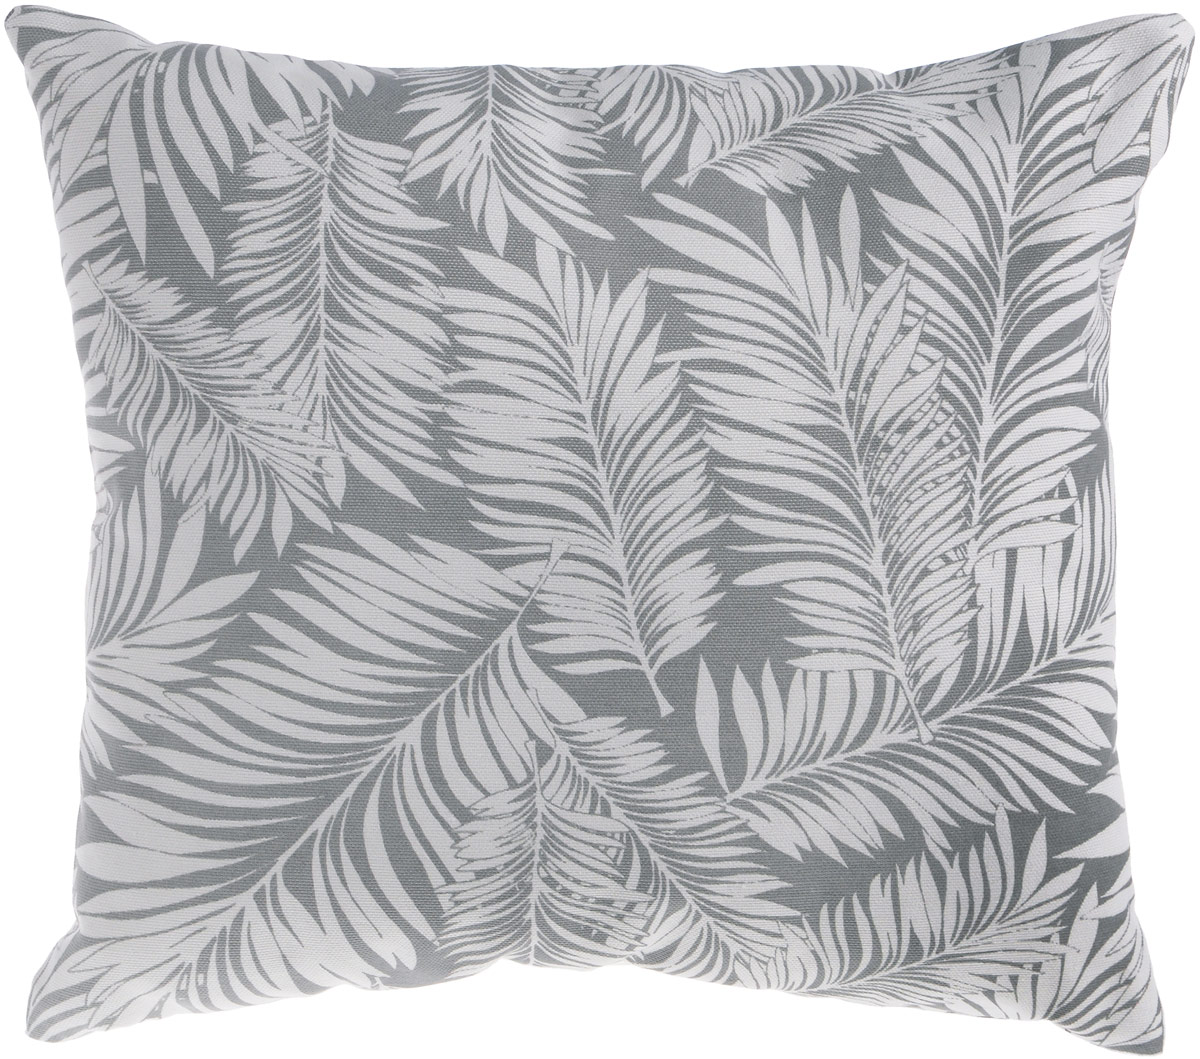 Подушка декоративная KauffOrt Пальма, цвет: серый, 40 x 40 см3122135630Декоративная подушка Пальма прекрасно дополнит интерьер спальни или гостиной. Очень нежный на ощупь чехол подушки выполнен из 75% хлопка и 25% полиэстера. Внутри находится мягкий наполнитель. Чехол легко снимается благодаря потайной молнии.Красивая подушка создаст атмосферу уюта и комфорта в спальне и станет прекрасным элементом декора.